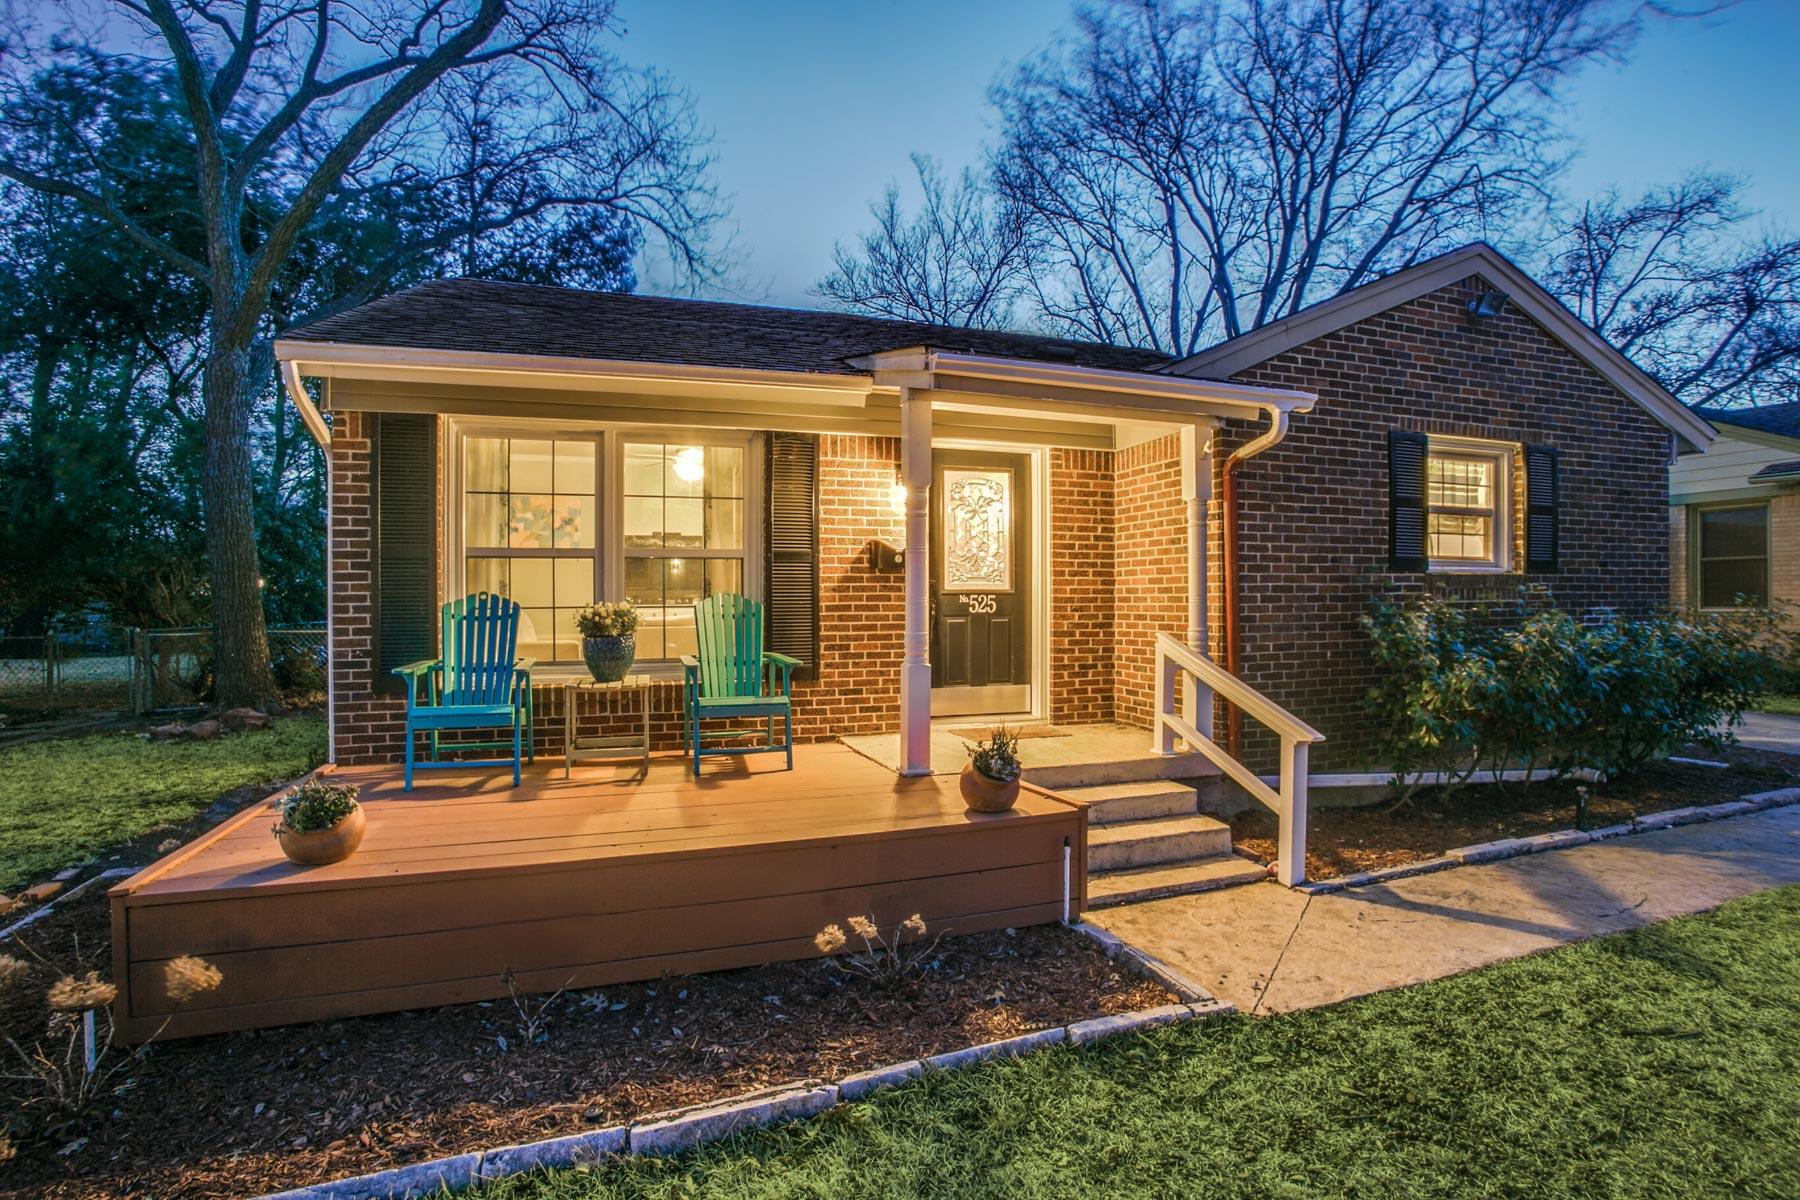 단독 가정 주택 용 매매 에 Charming in Lake Highlands 525 Parkhurst Drive, Dallas, 텍사스, 75218 미국